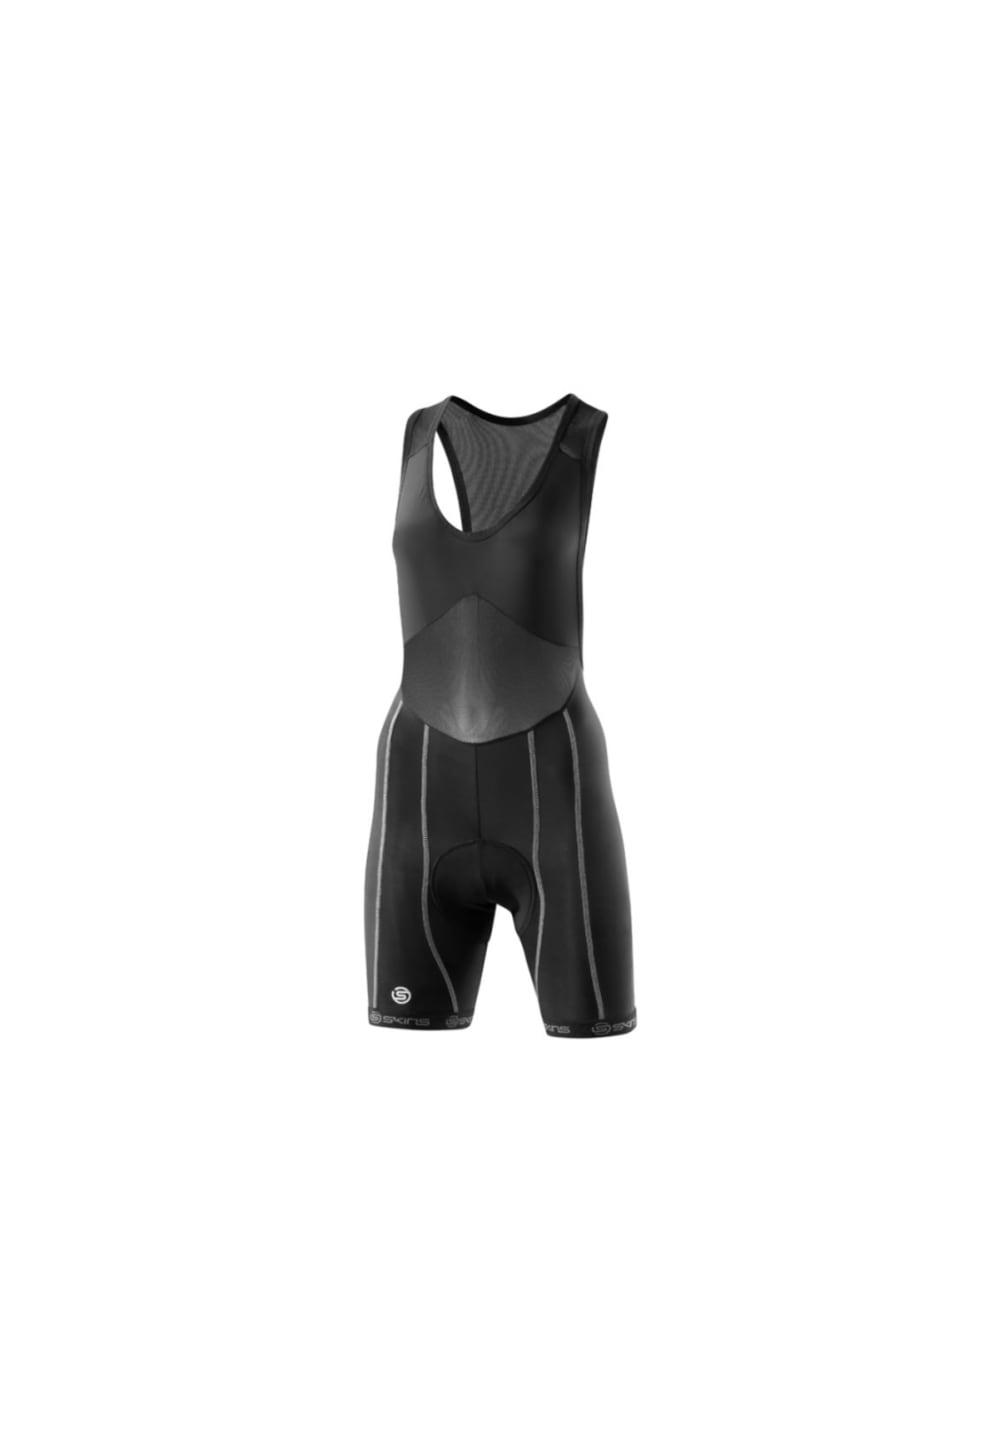 Skins Cycle Pro Bib Shorts - Radhosen für Damen - Schwarz, Gr. FL